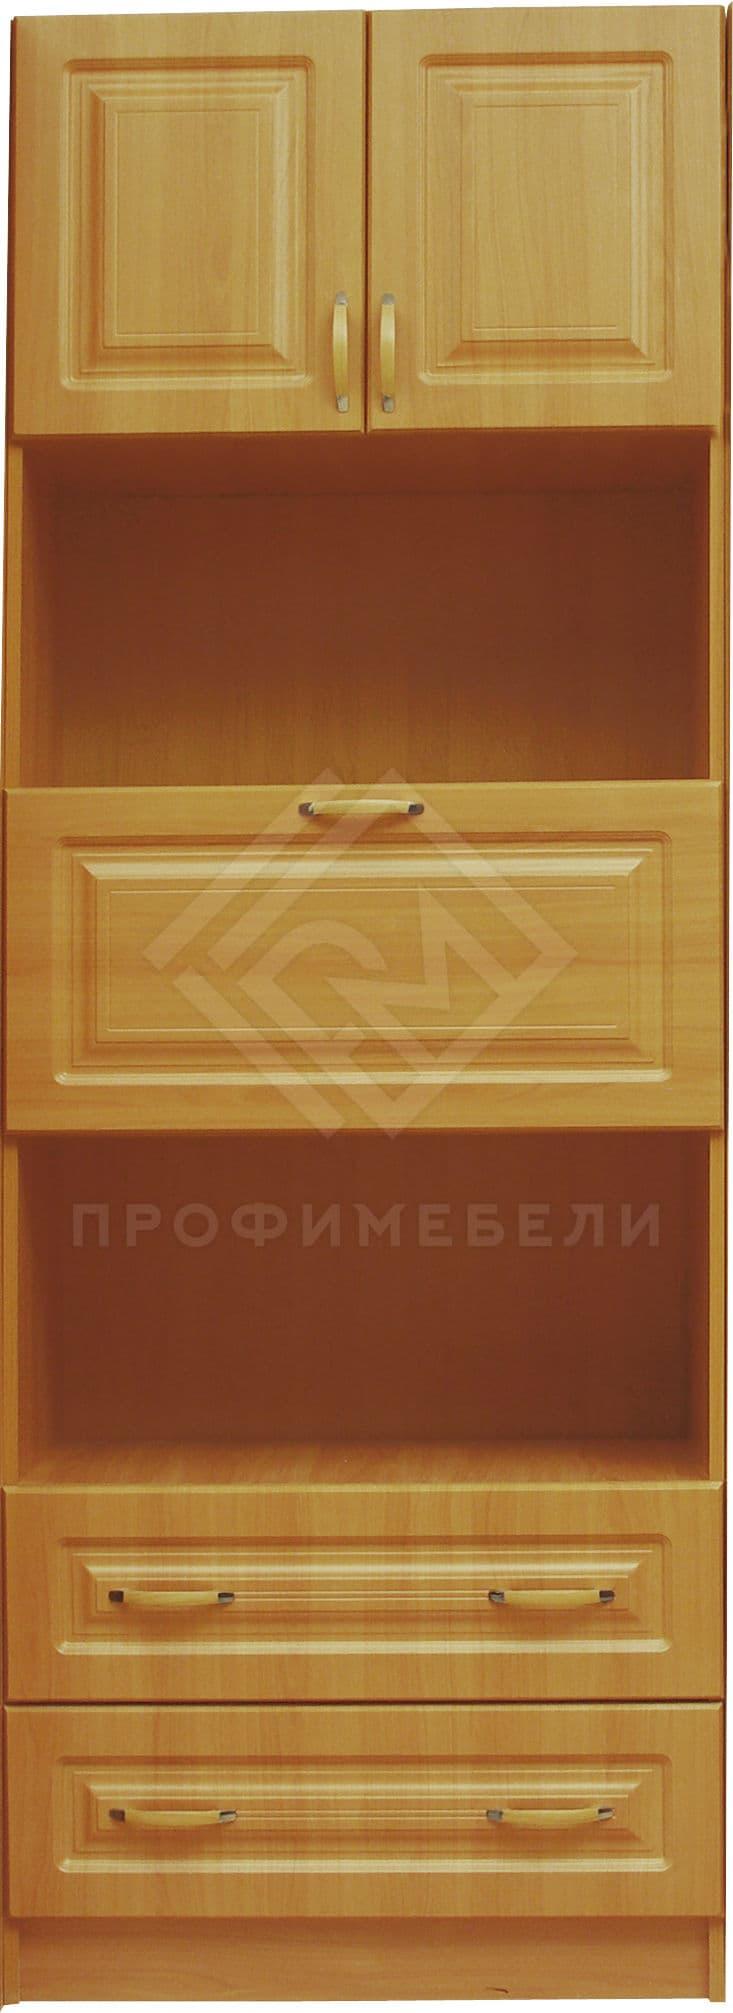 Шкафы,стеллажи :: шкаф-2-х створчатый :: аливия мод 07, шкаф.